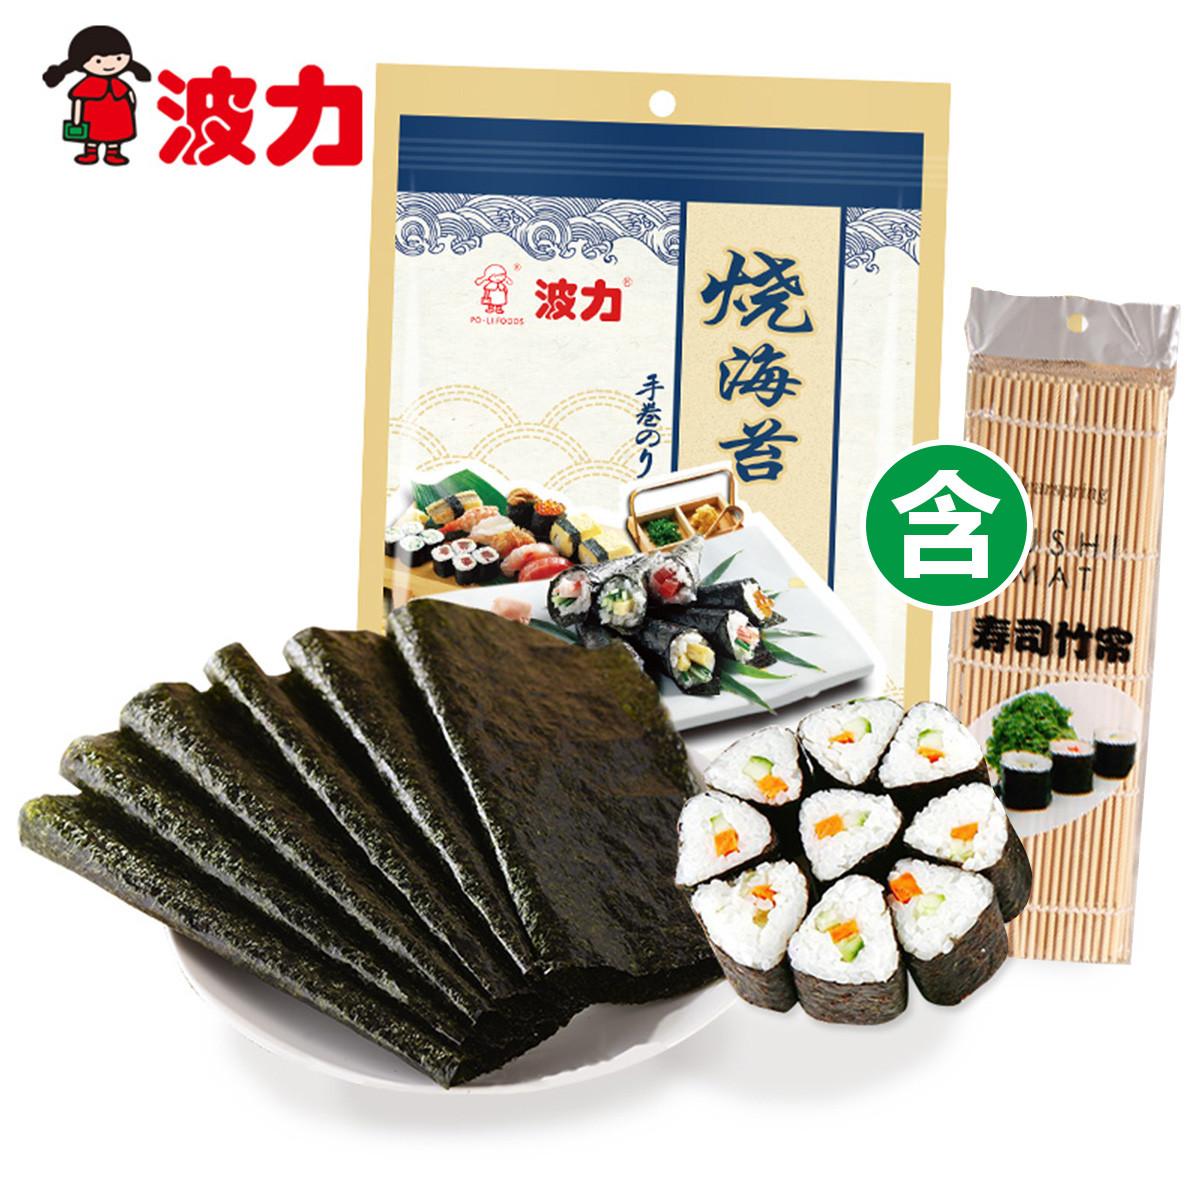 波力波力寿司烧海苔10张/包 海苔寿司 海苔即食紫菜包饭海苔COLOR波力烧海苔27g